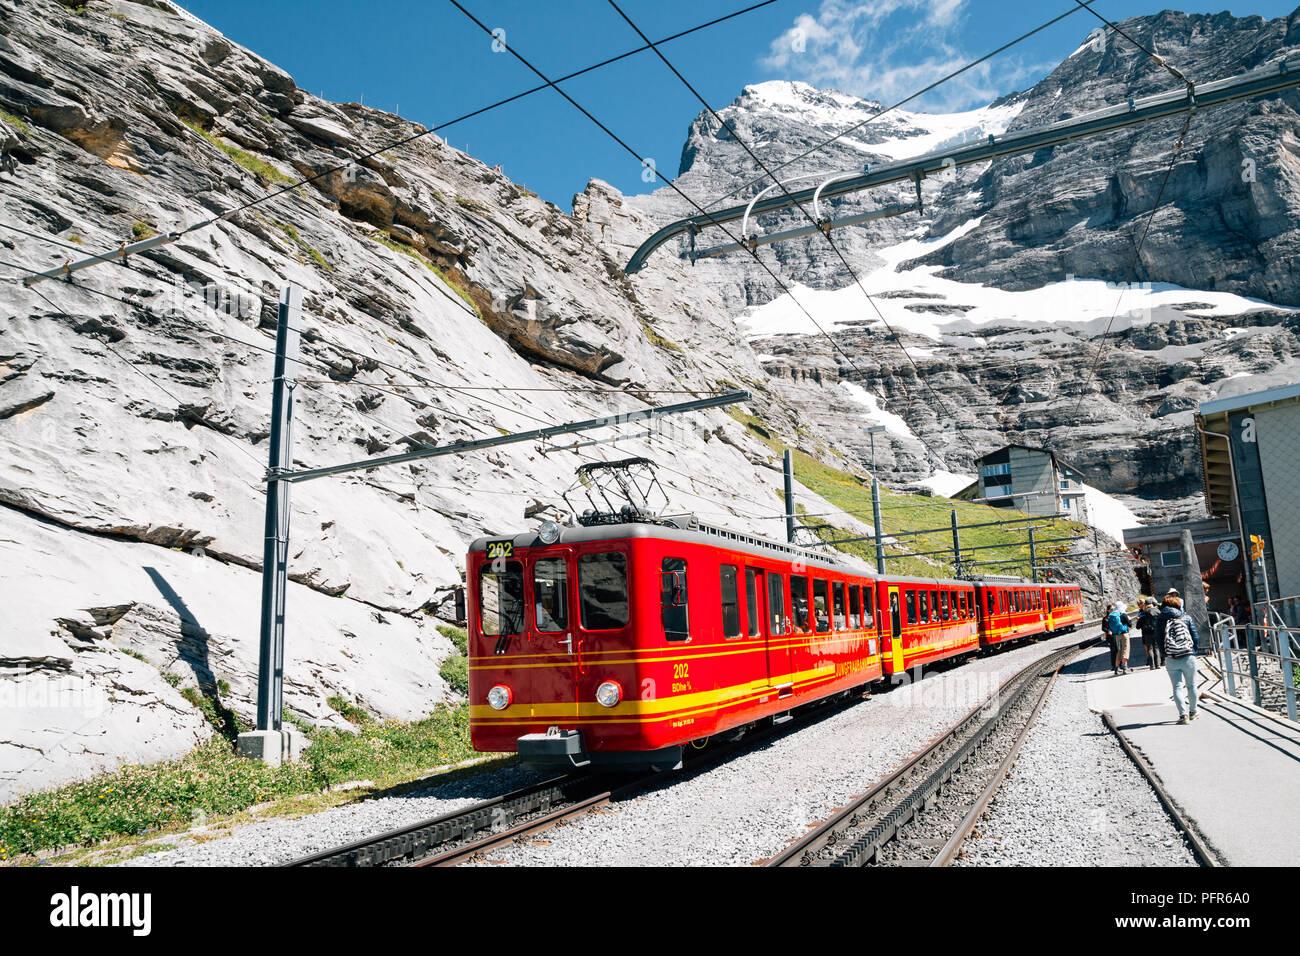 Schweiz - 22. August 2016: Bahnhof Eigergletscher Plattform mit schneebedeckten Berg Stockfoto